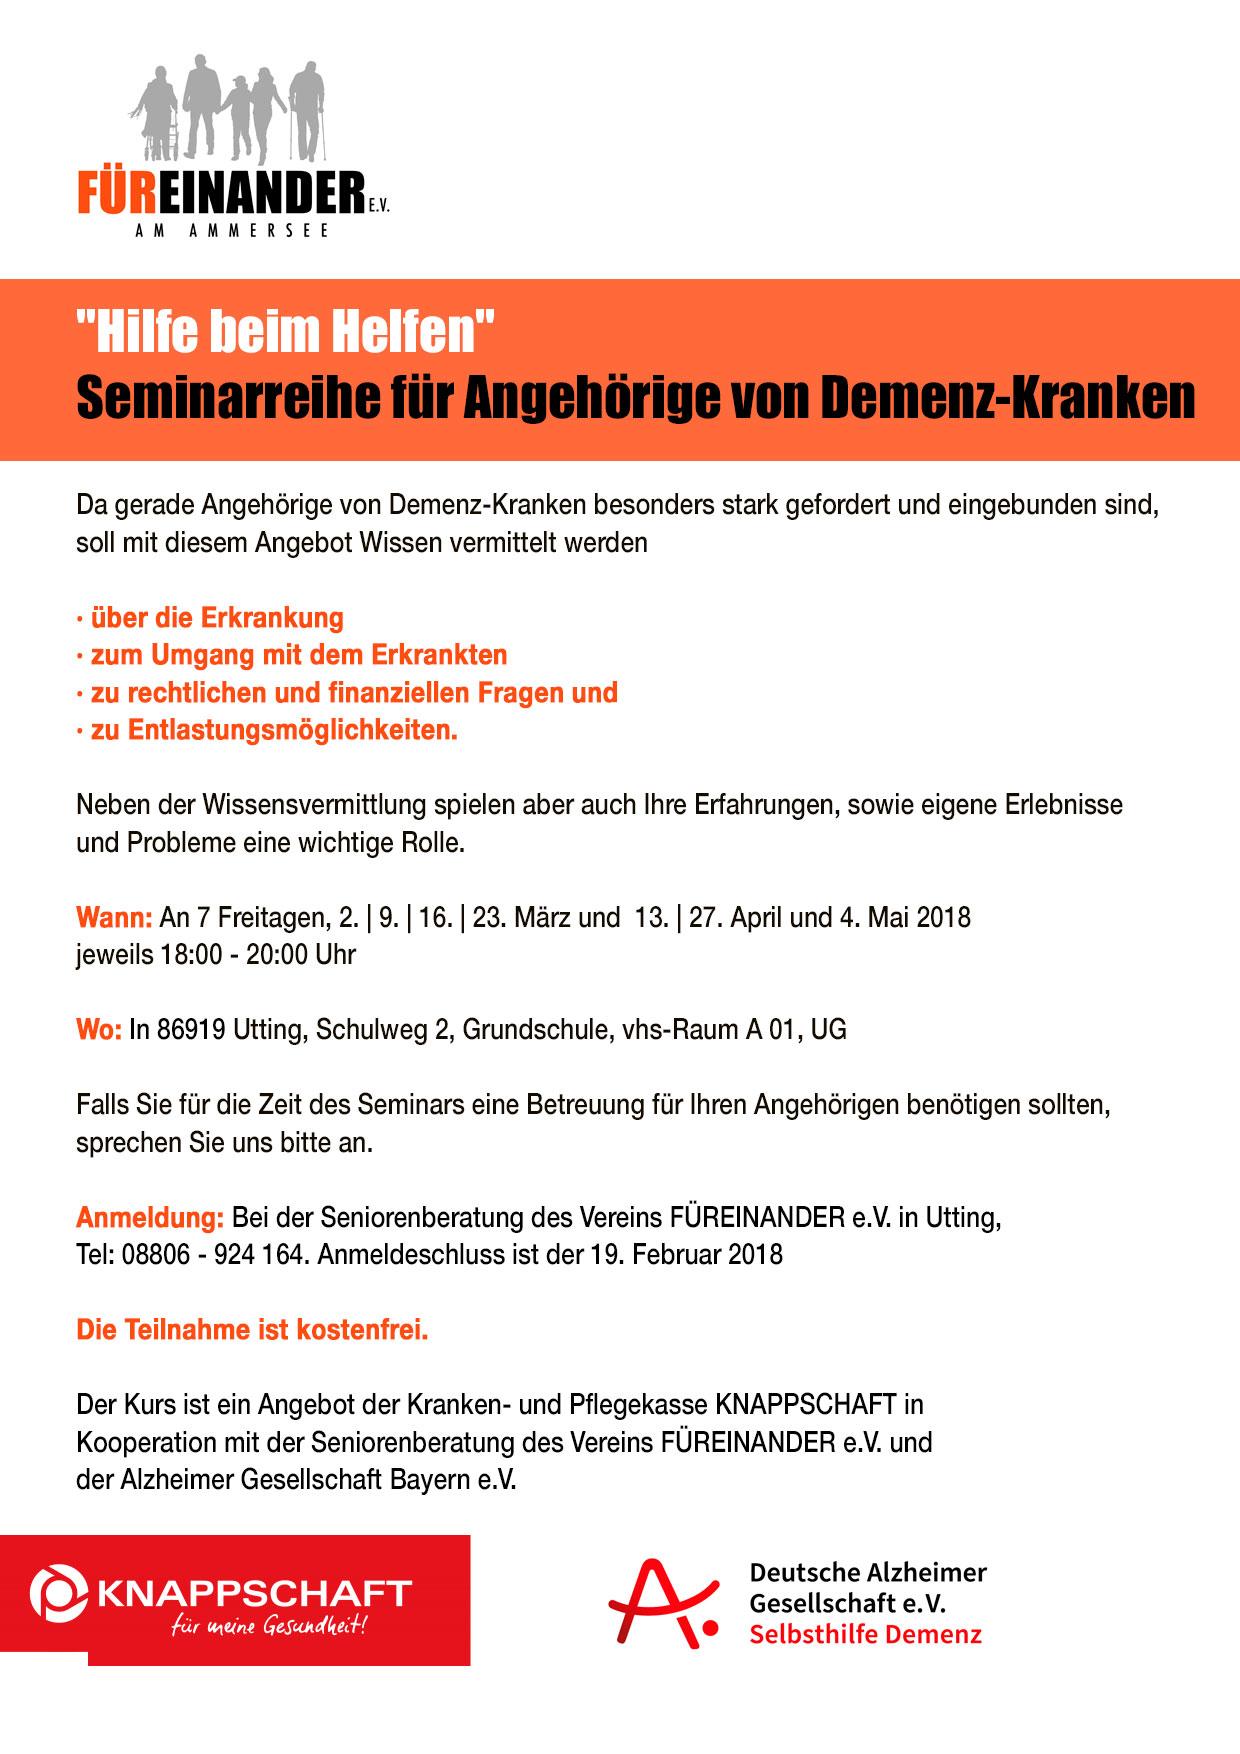 Seminar für Angehörige Demenzkranker